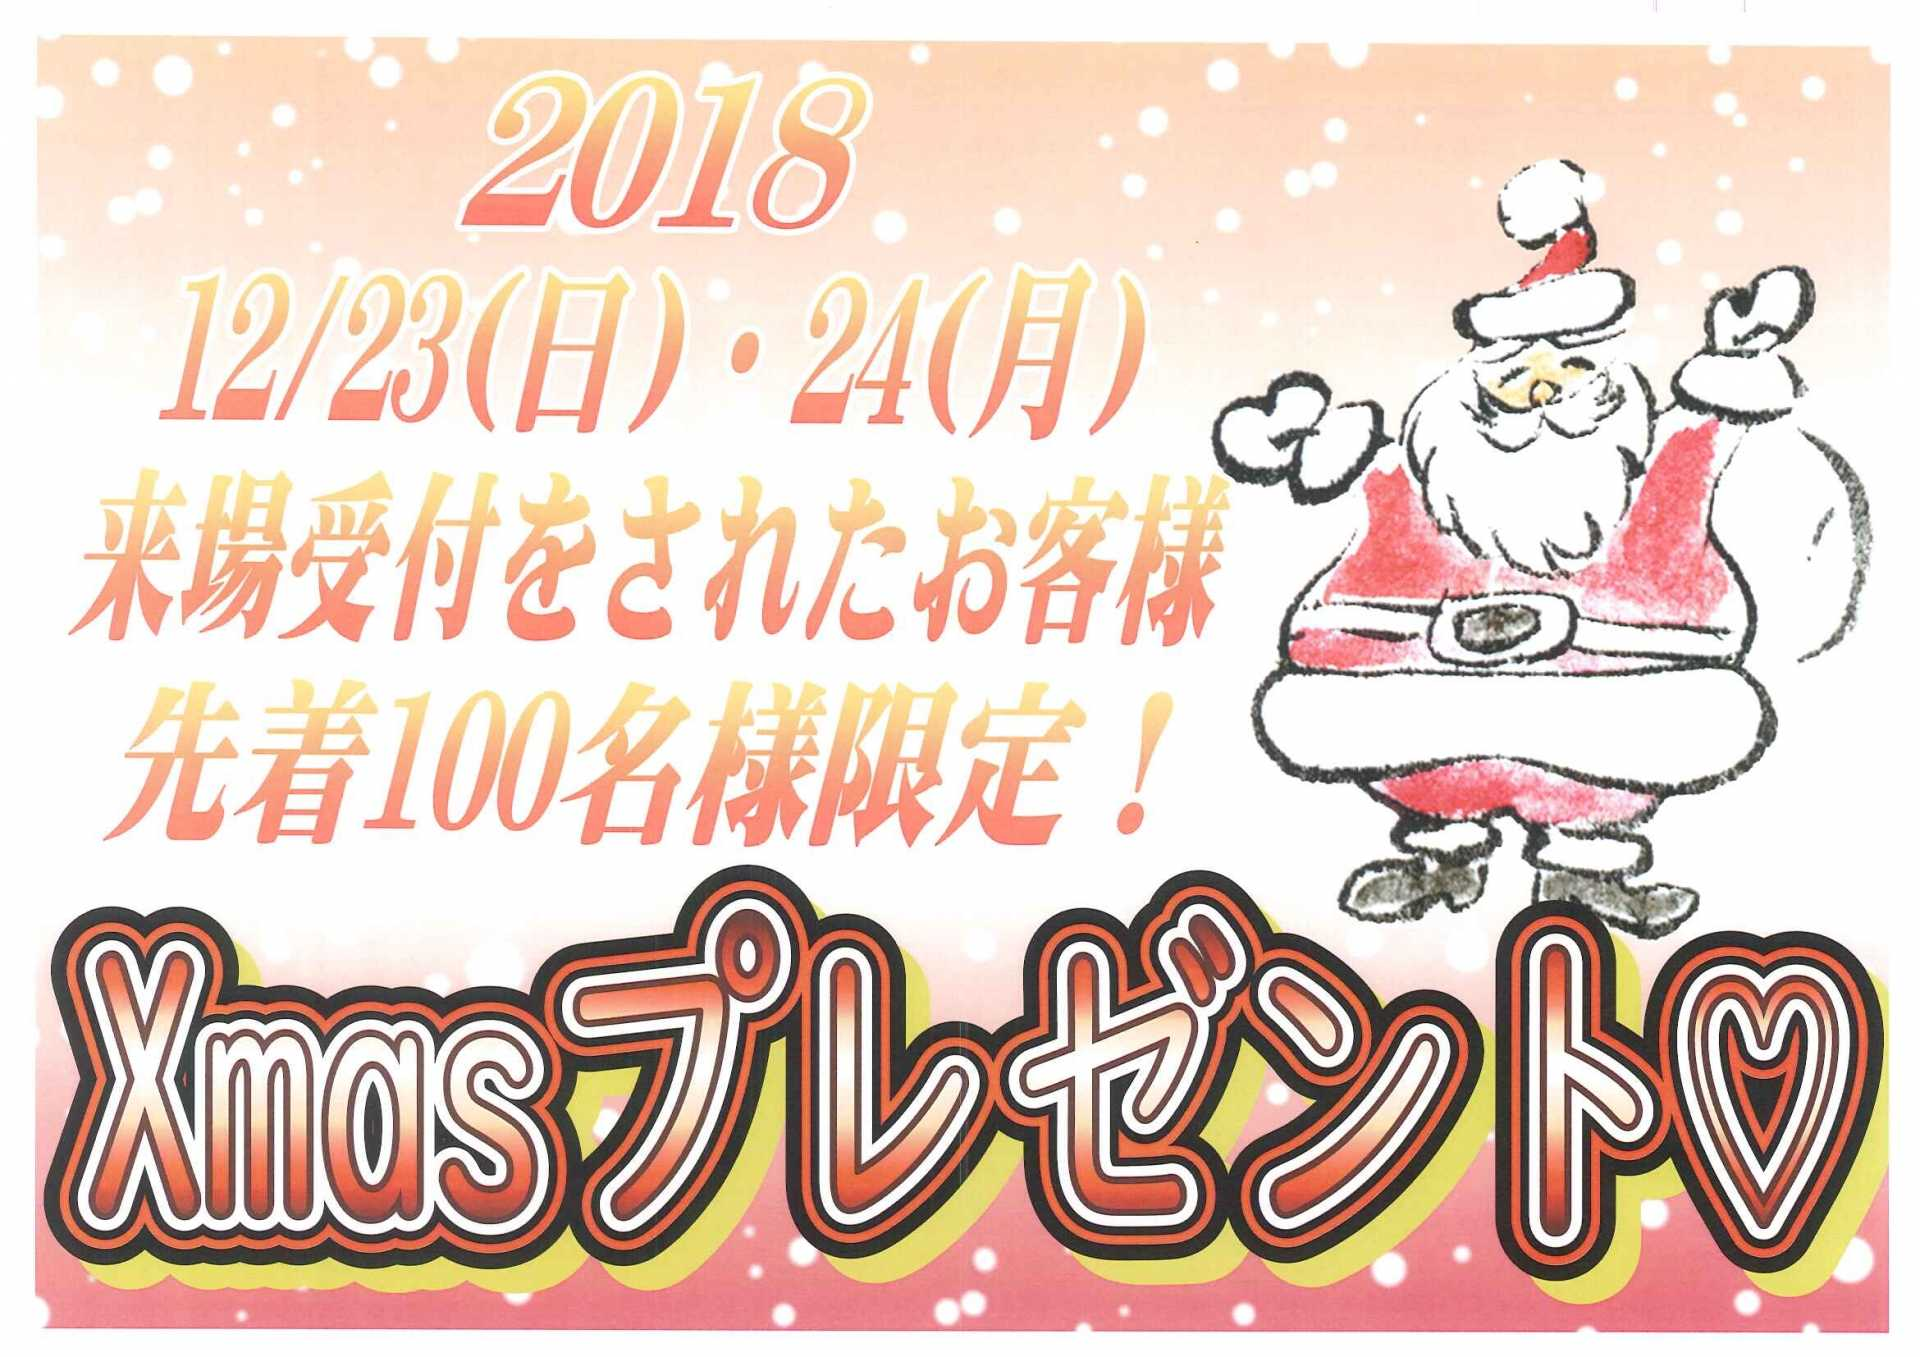 Xmasプレゼント企画♡